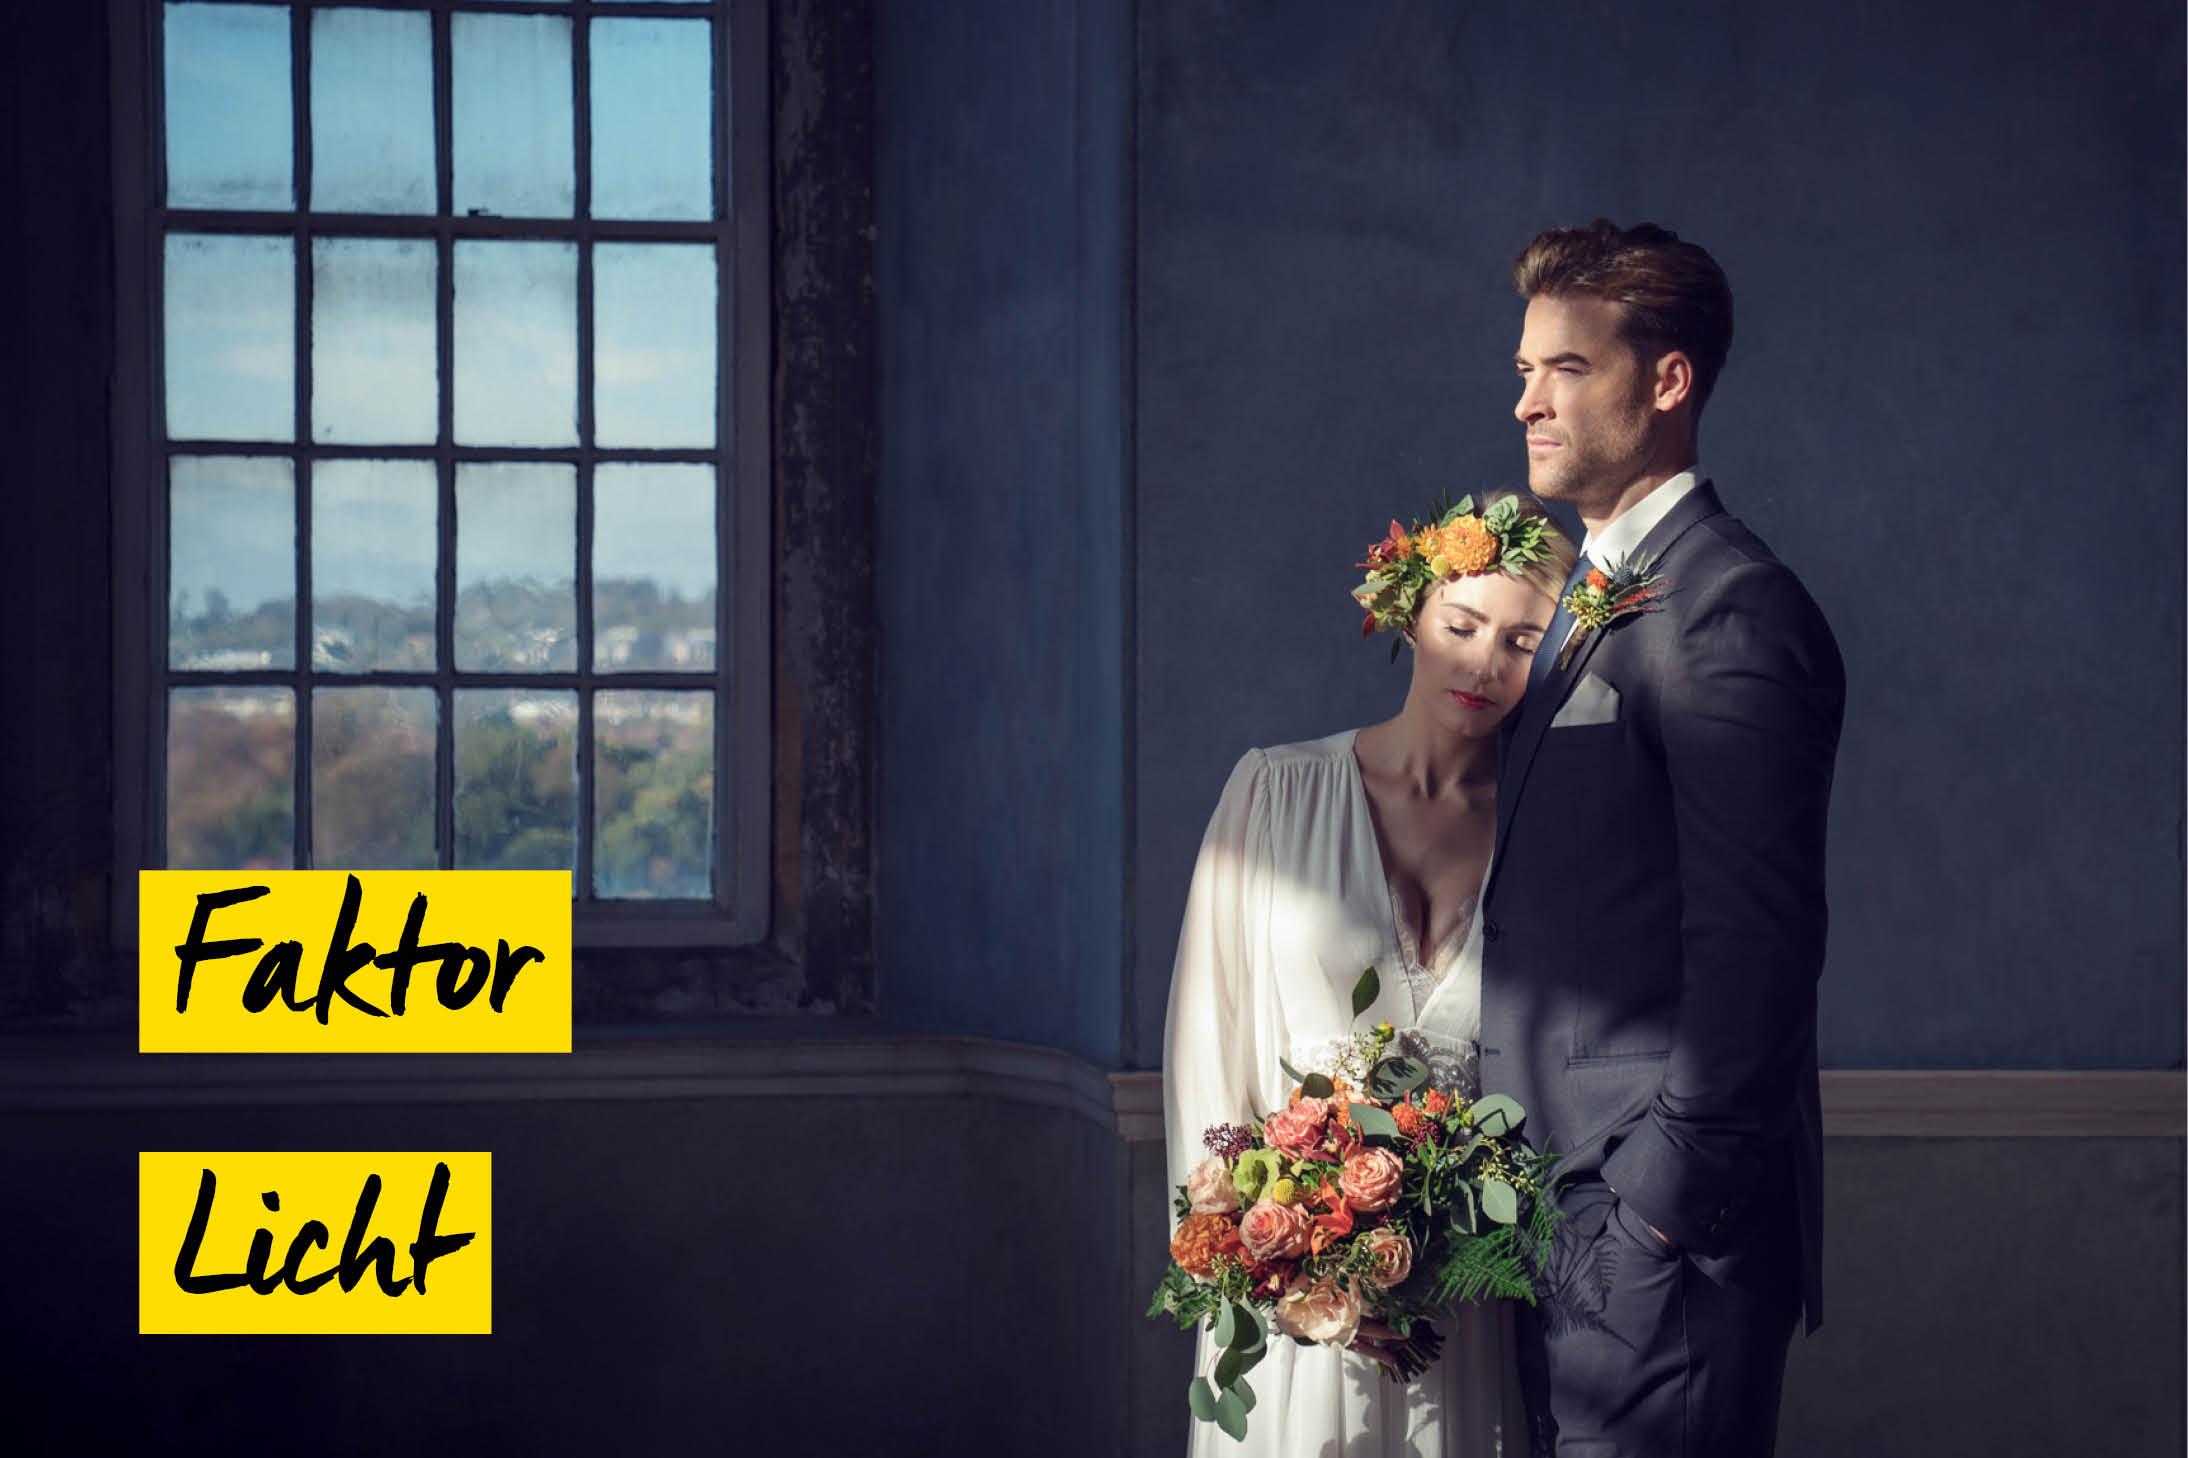 Arbeiten mit Licht - Hochzeitsfotografie by Kate Hopewell-Smith